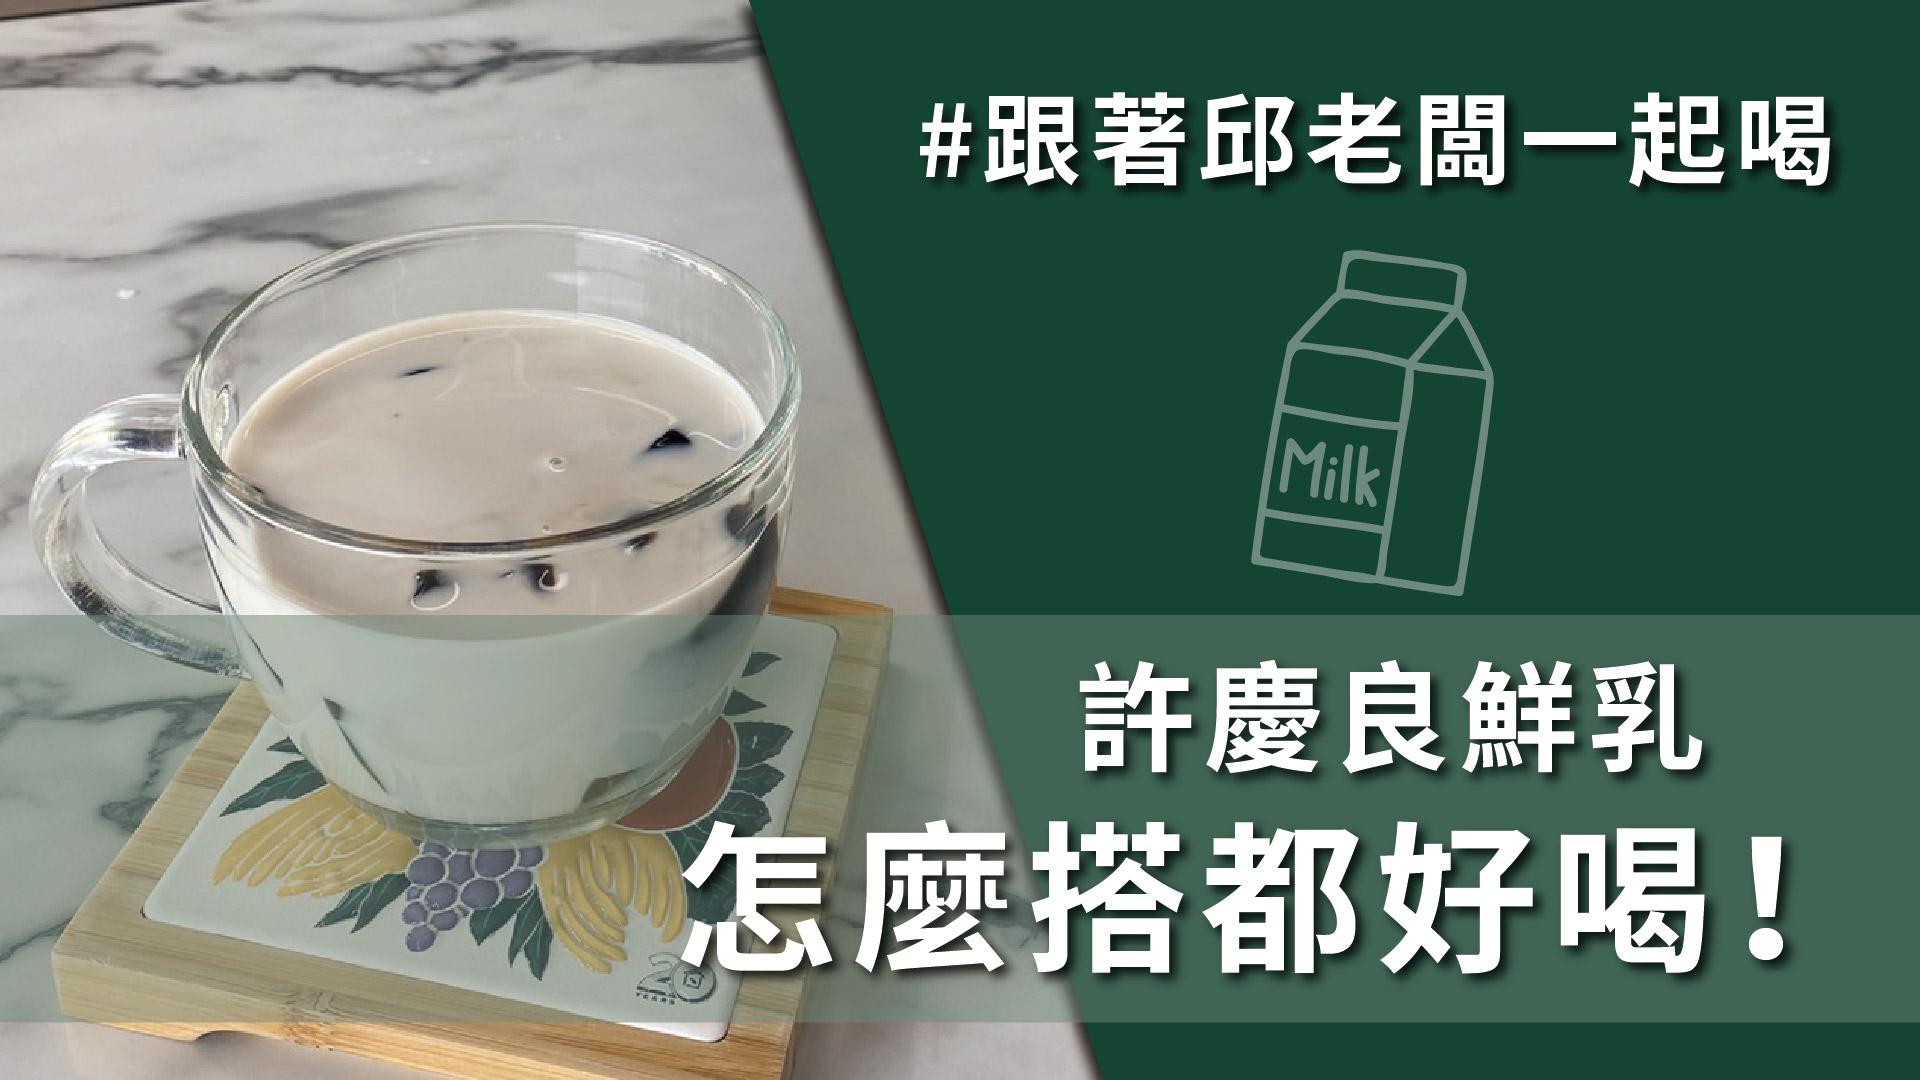 許慶良鮮乳-濃醇香甜的好滋味,您一定要試試看! #4月20日 #DAY219